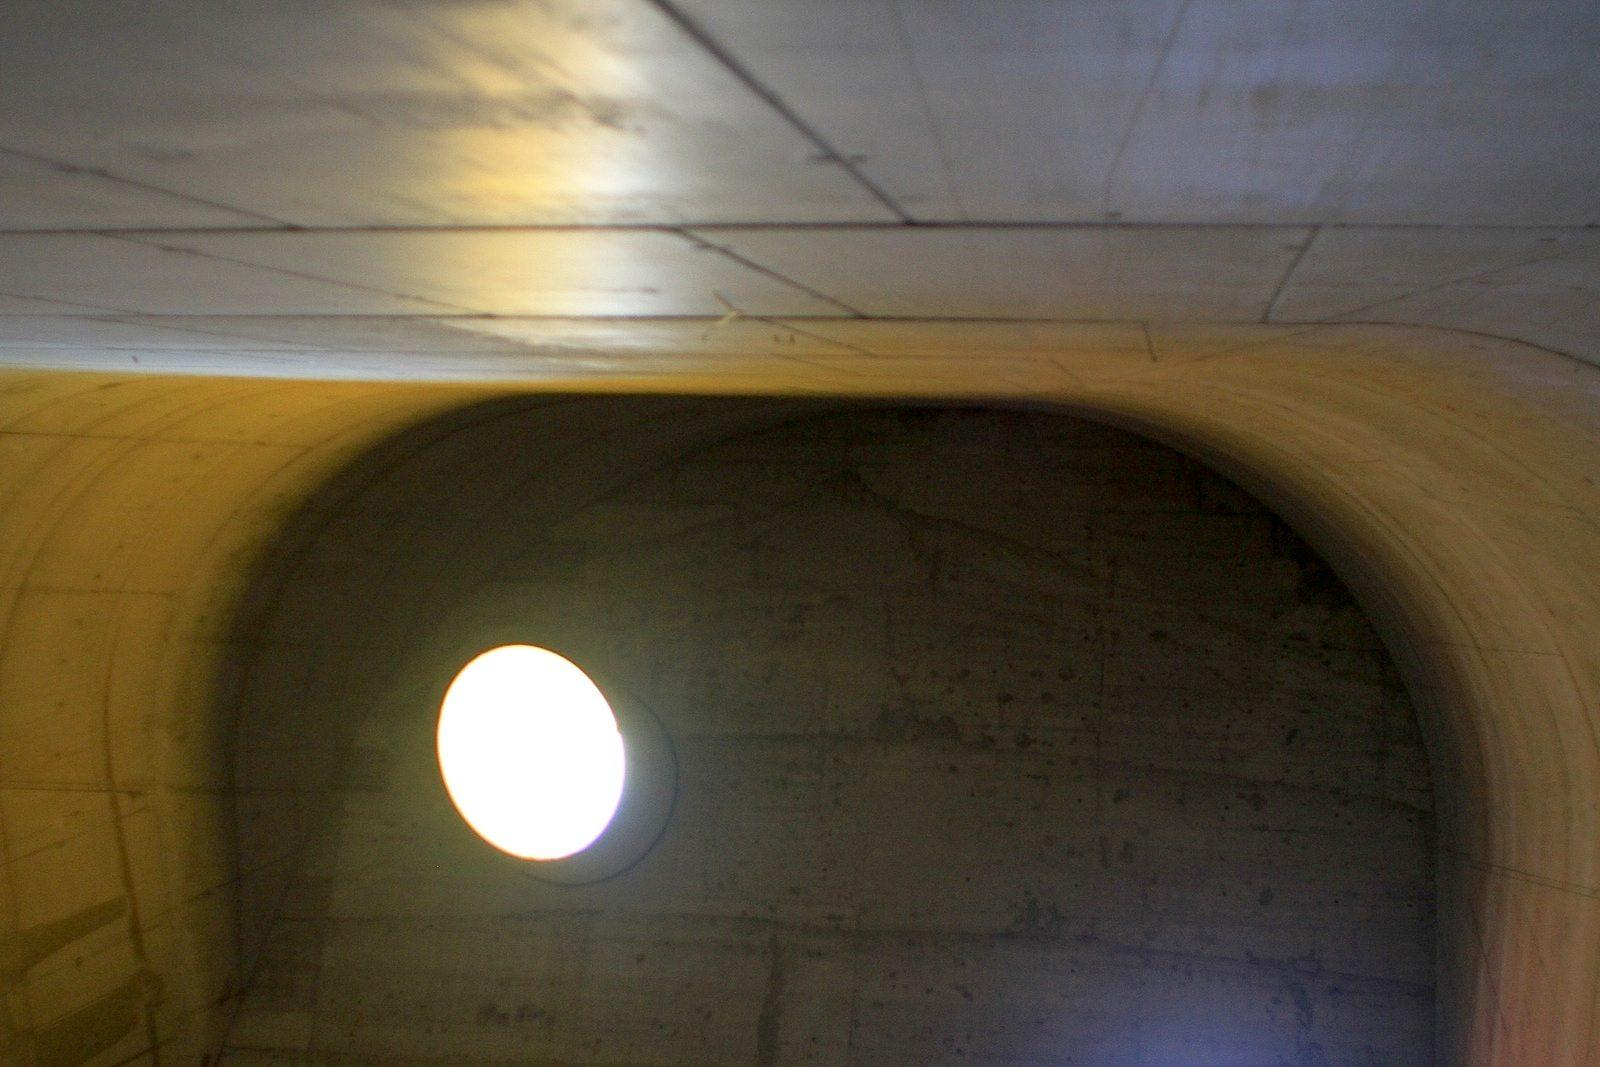 """L'église Saint-Pierre.  Betreiber, Gralshüter und Vermarkter der Kirche sowie der anderen Le Corbusier-Bauten ist die Site Le Corbusier. Der wichtigste Unterstützer ist der Städteverbund """"Firminy – Saint-Etienne Métropole""""."""